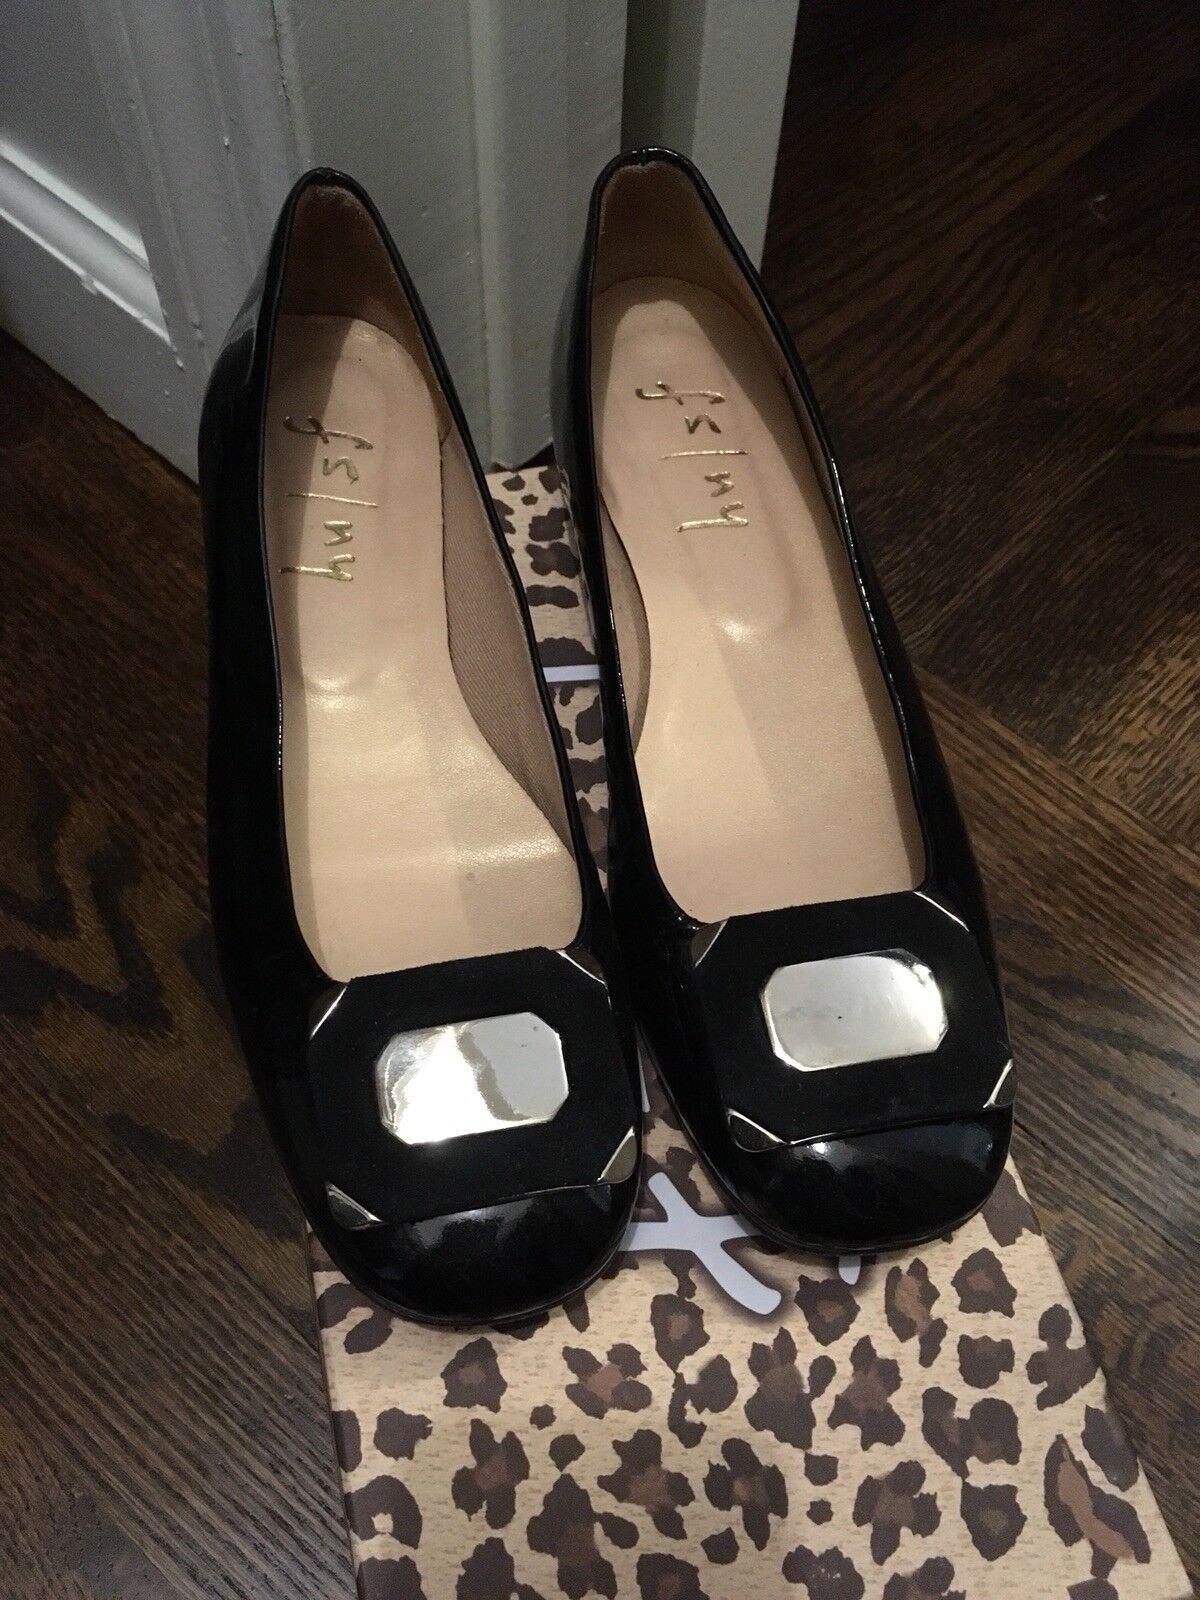 French Sole FSNY nero Patent scarpe With Buckle Dimensione 8 Narrow